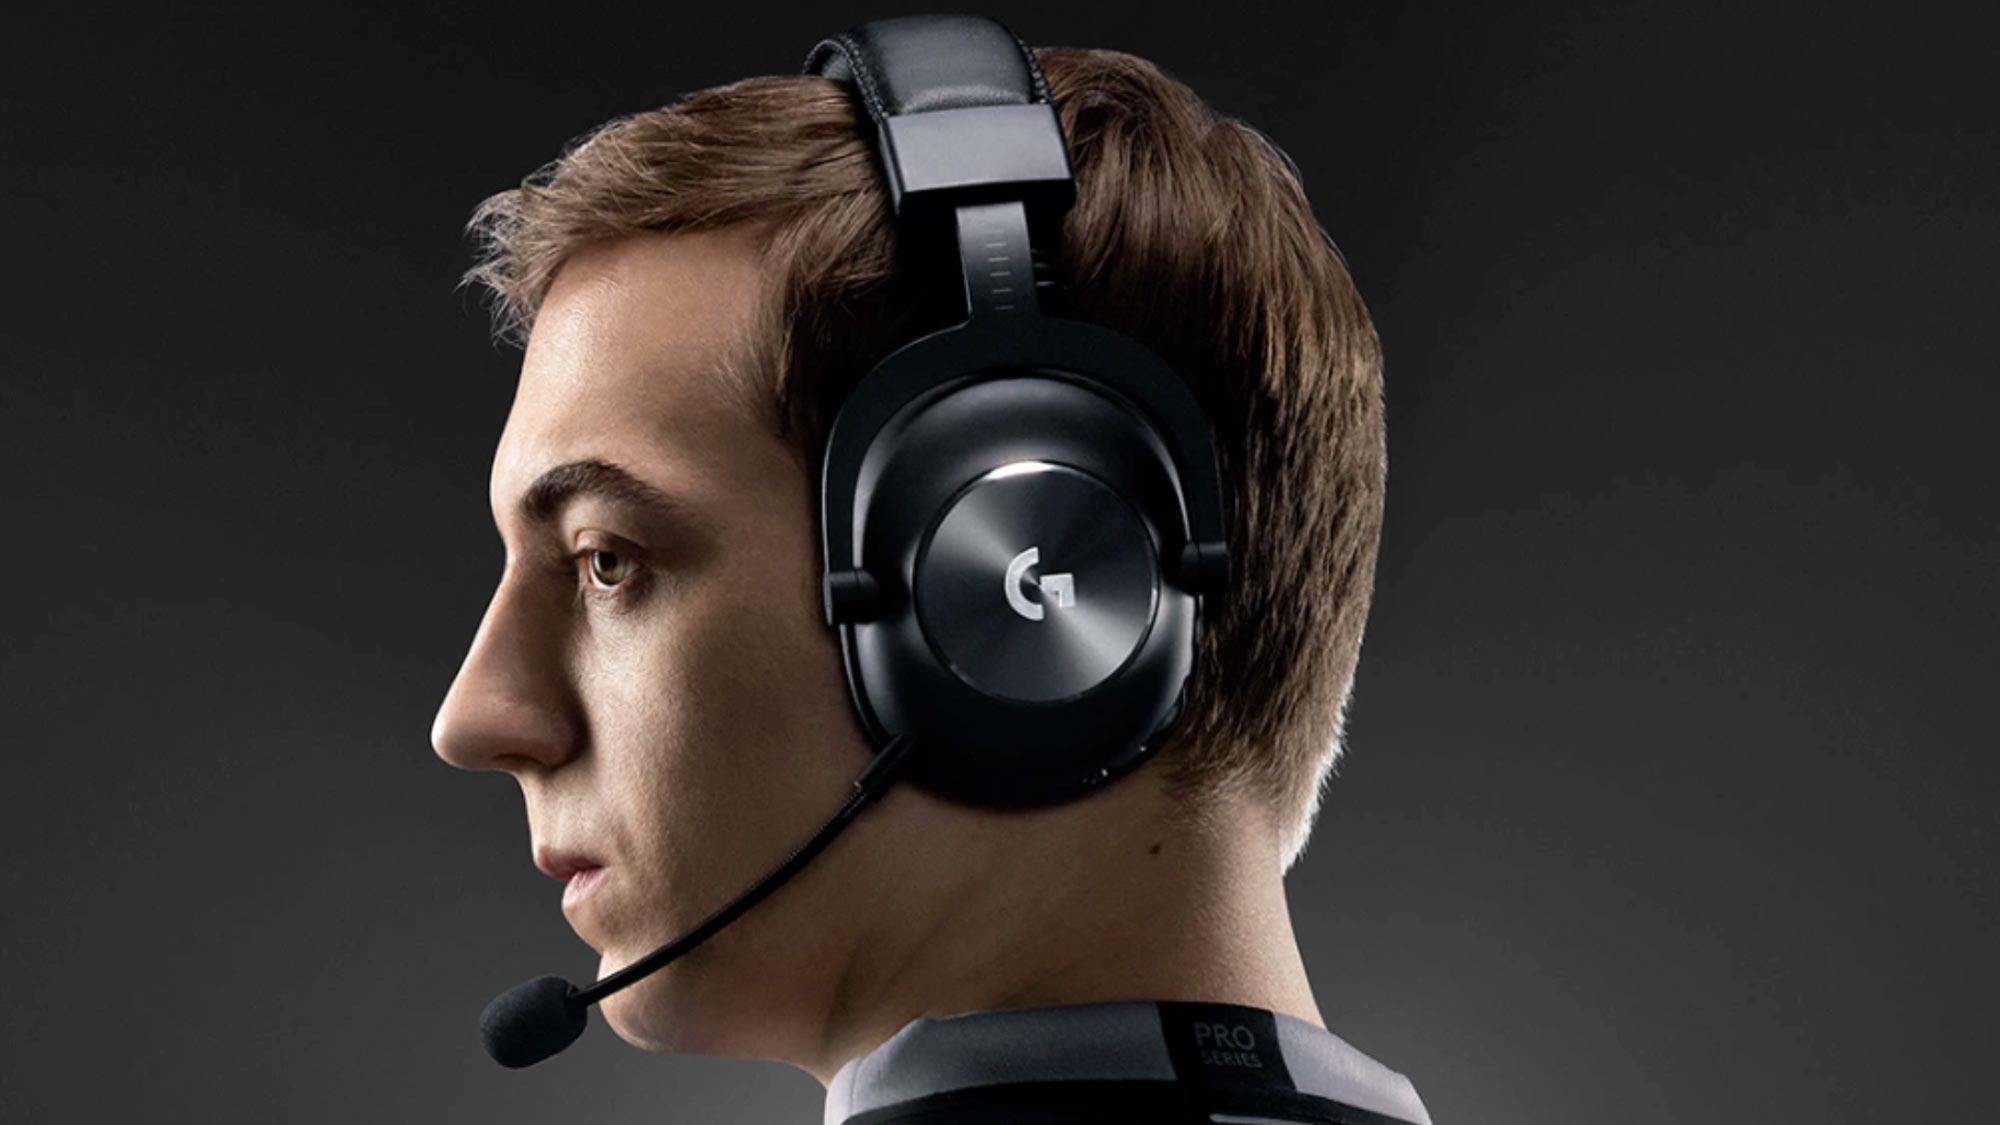 Best headsets for PS5: Logitech Pro X Wireless